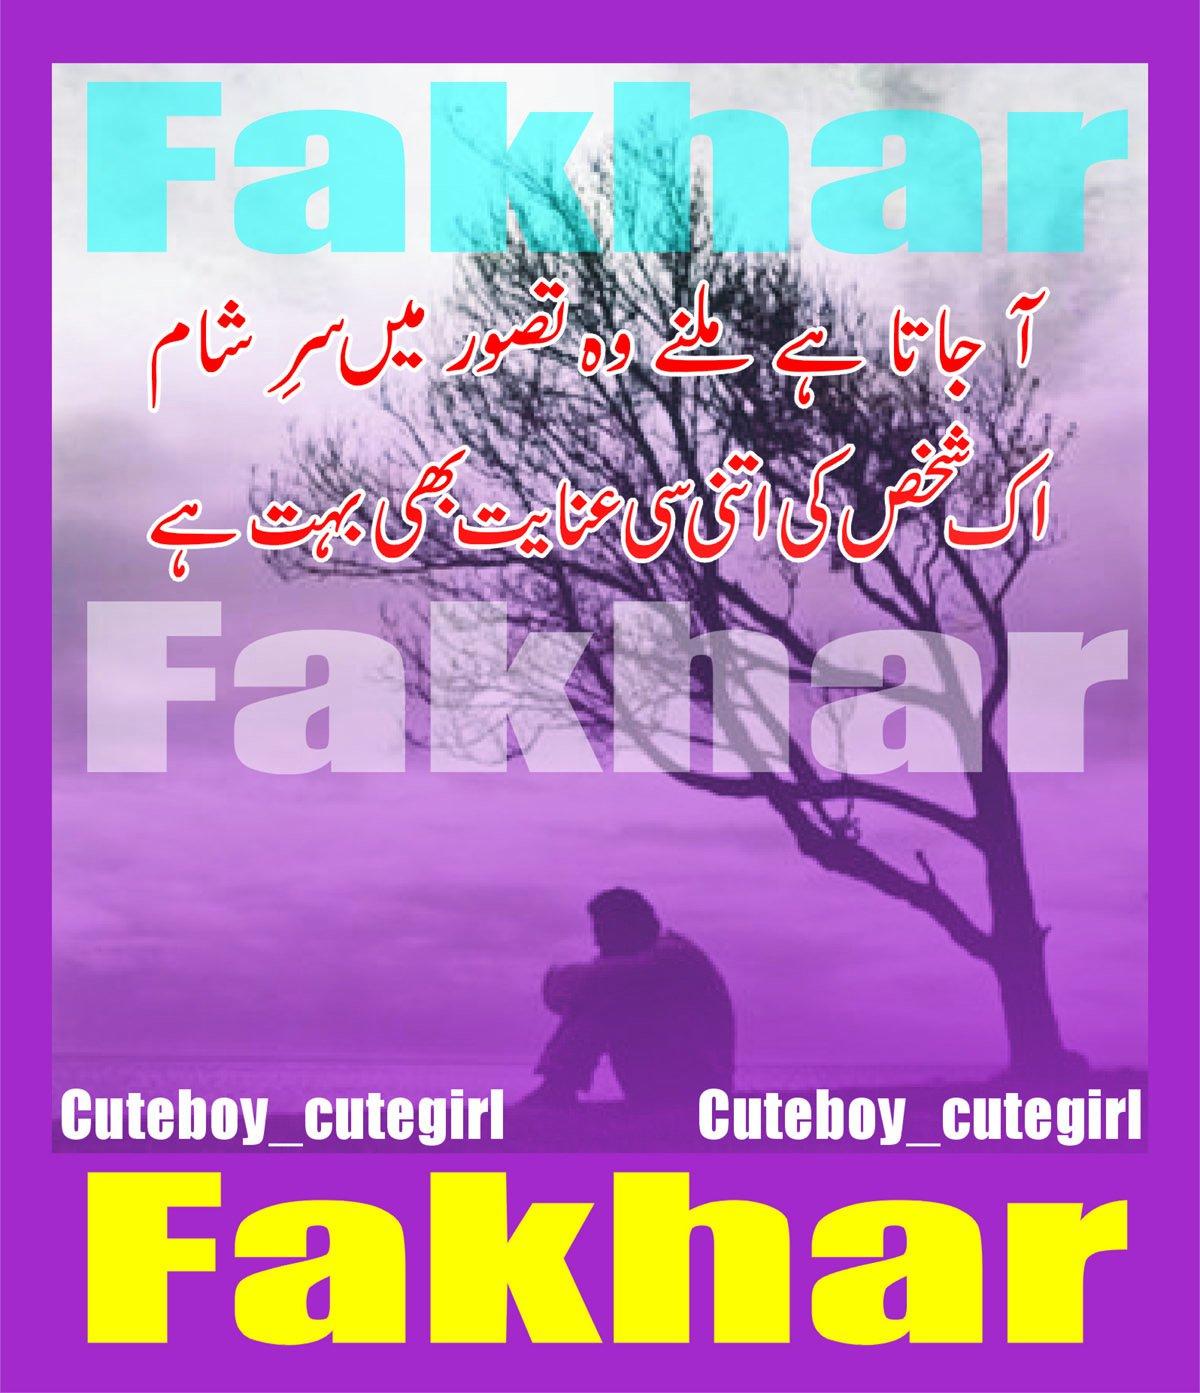 http://1.bp.blogspot.com/-18whu2dw4wA/TeuazzWddeI/AAAAAAAAA_g/D7h4UMcabsU/s1600/Urdu%2Bpoetry%2BPicture.jpg